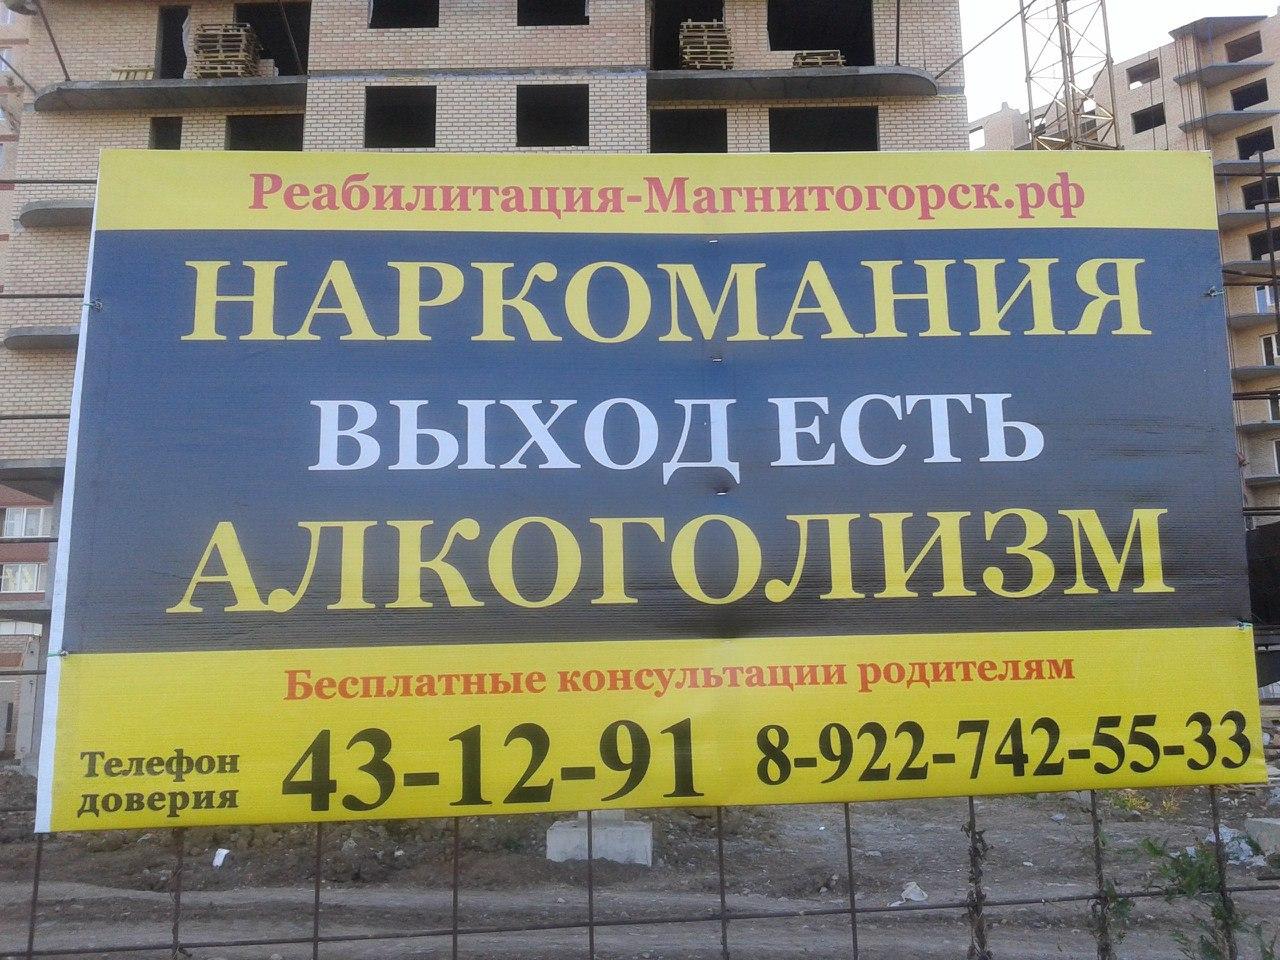 Украина больше всего страдает от новейших методов войны, применяемых РФ, - Стець - Цензор.НЕТ 2628